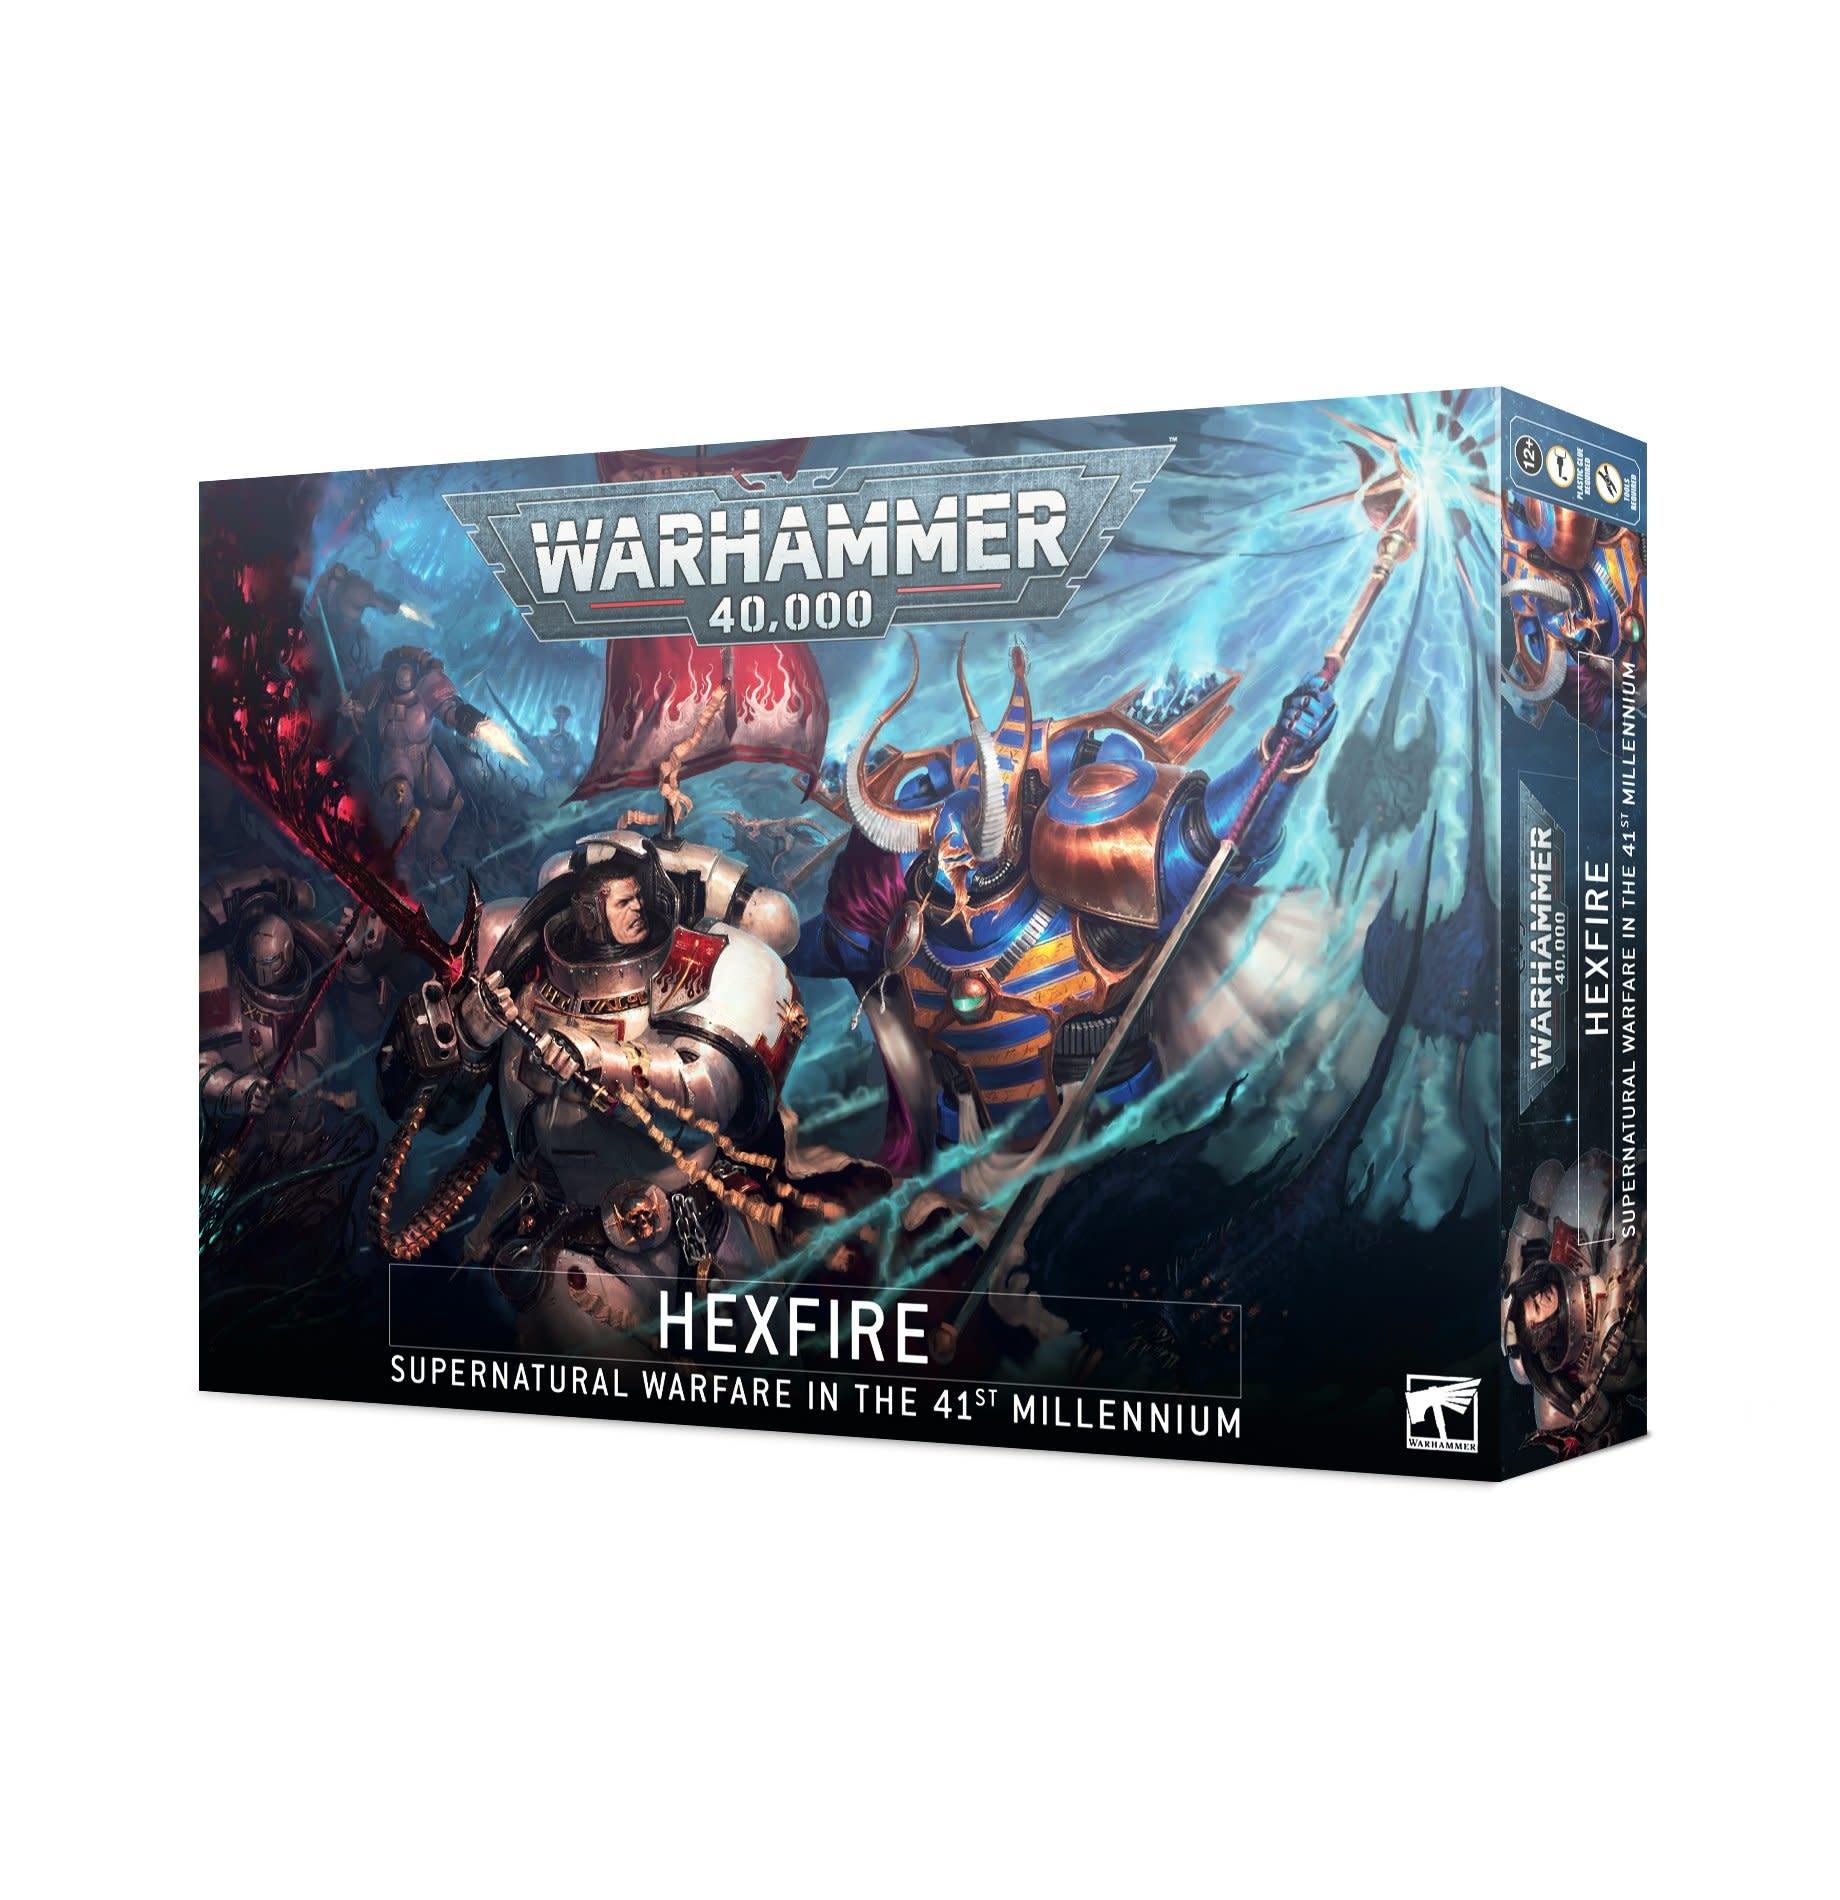 Games-Workshop Warhammer 40,000: Hexfire